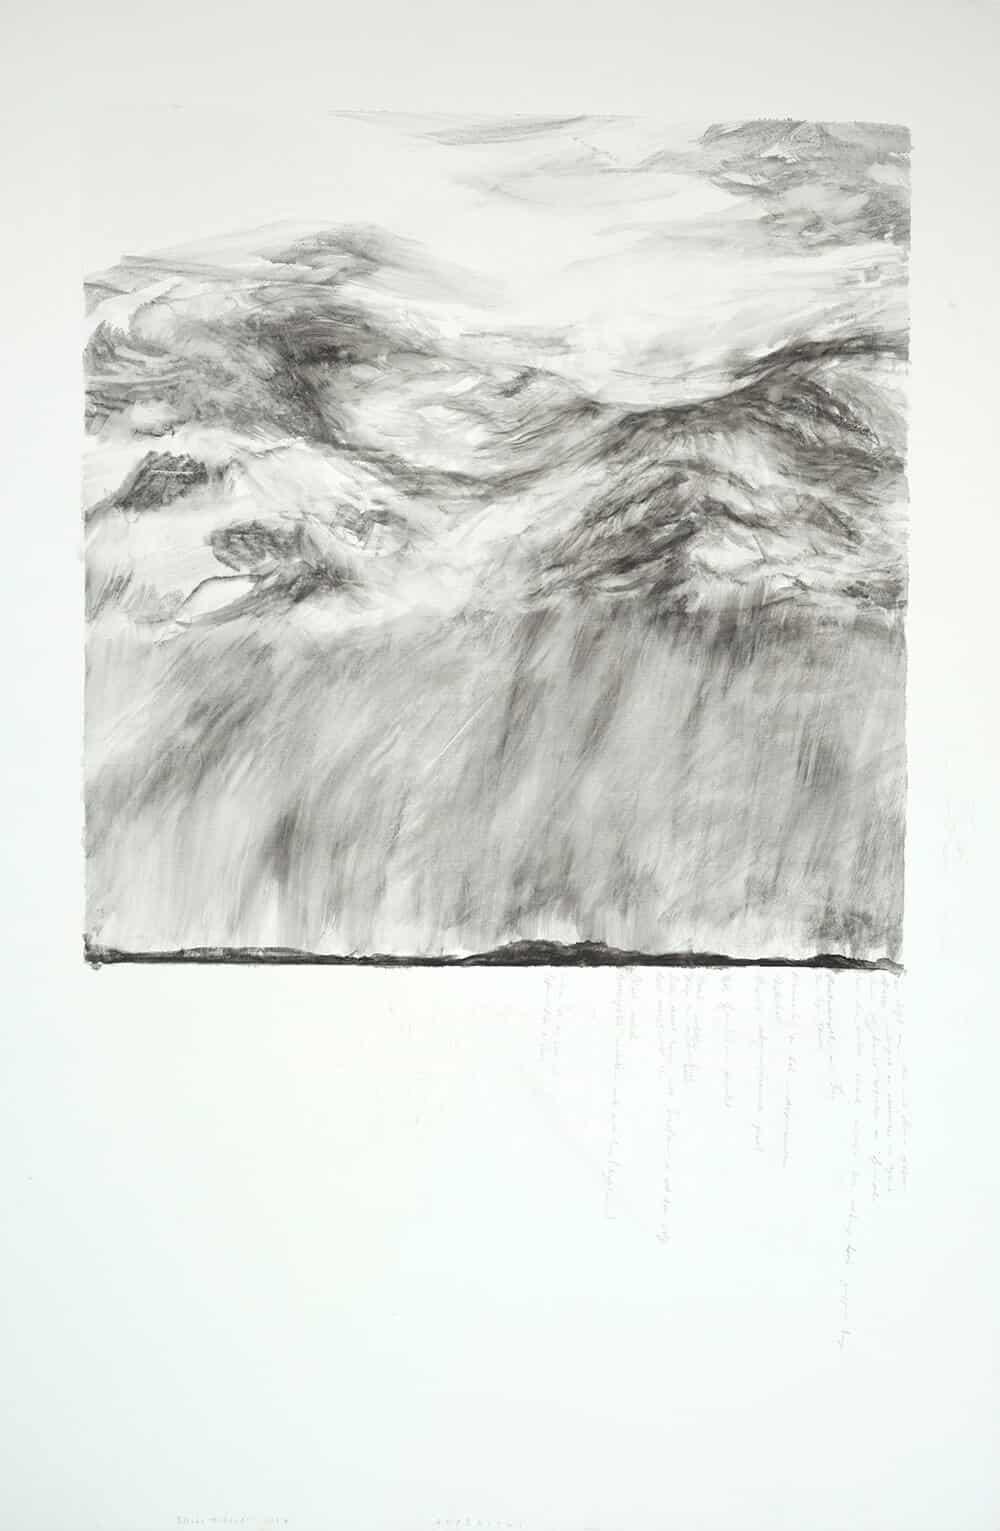 Elsabé Milandri, Asperitus, 2017. Graphit auf italienischer Baumwolle, 150x 100cm. Mit freundlicher Genehmigung des Künstlers & SMITH.